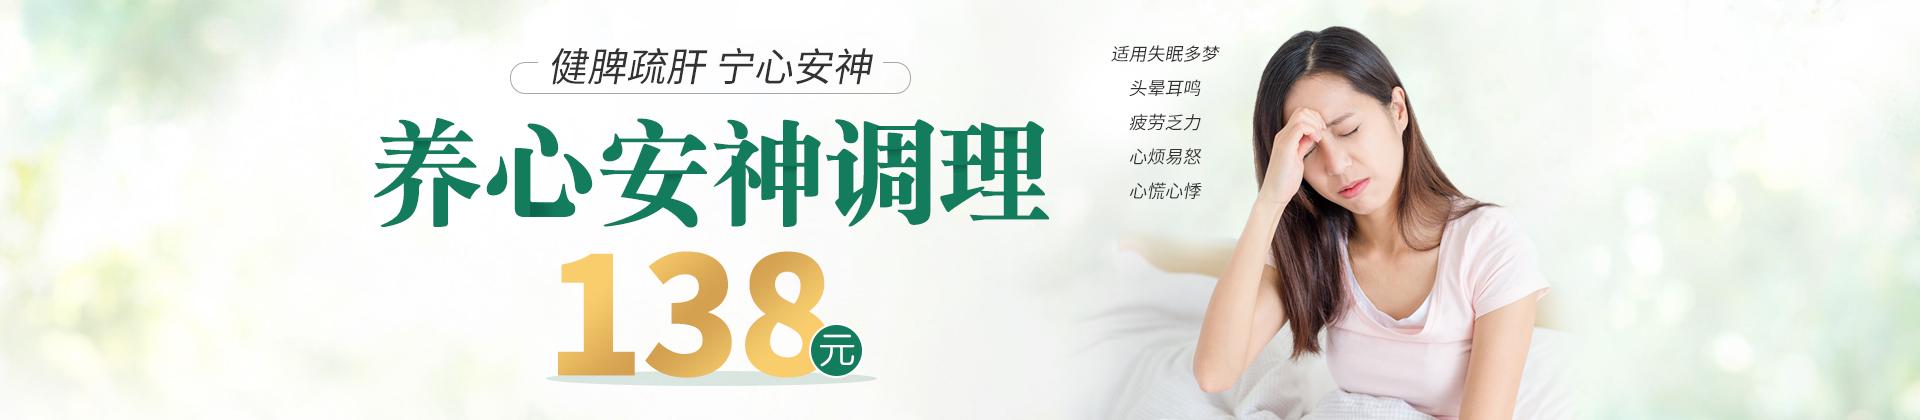 138元养心安神调理 健脾疏肝 宁心安神